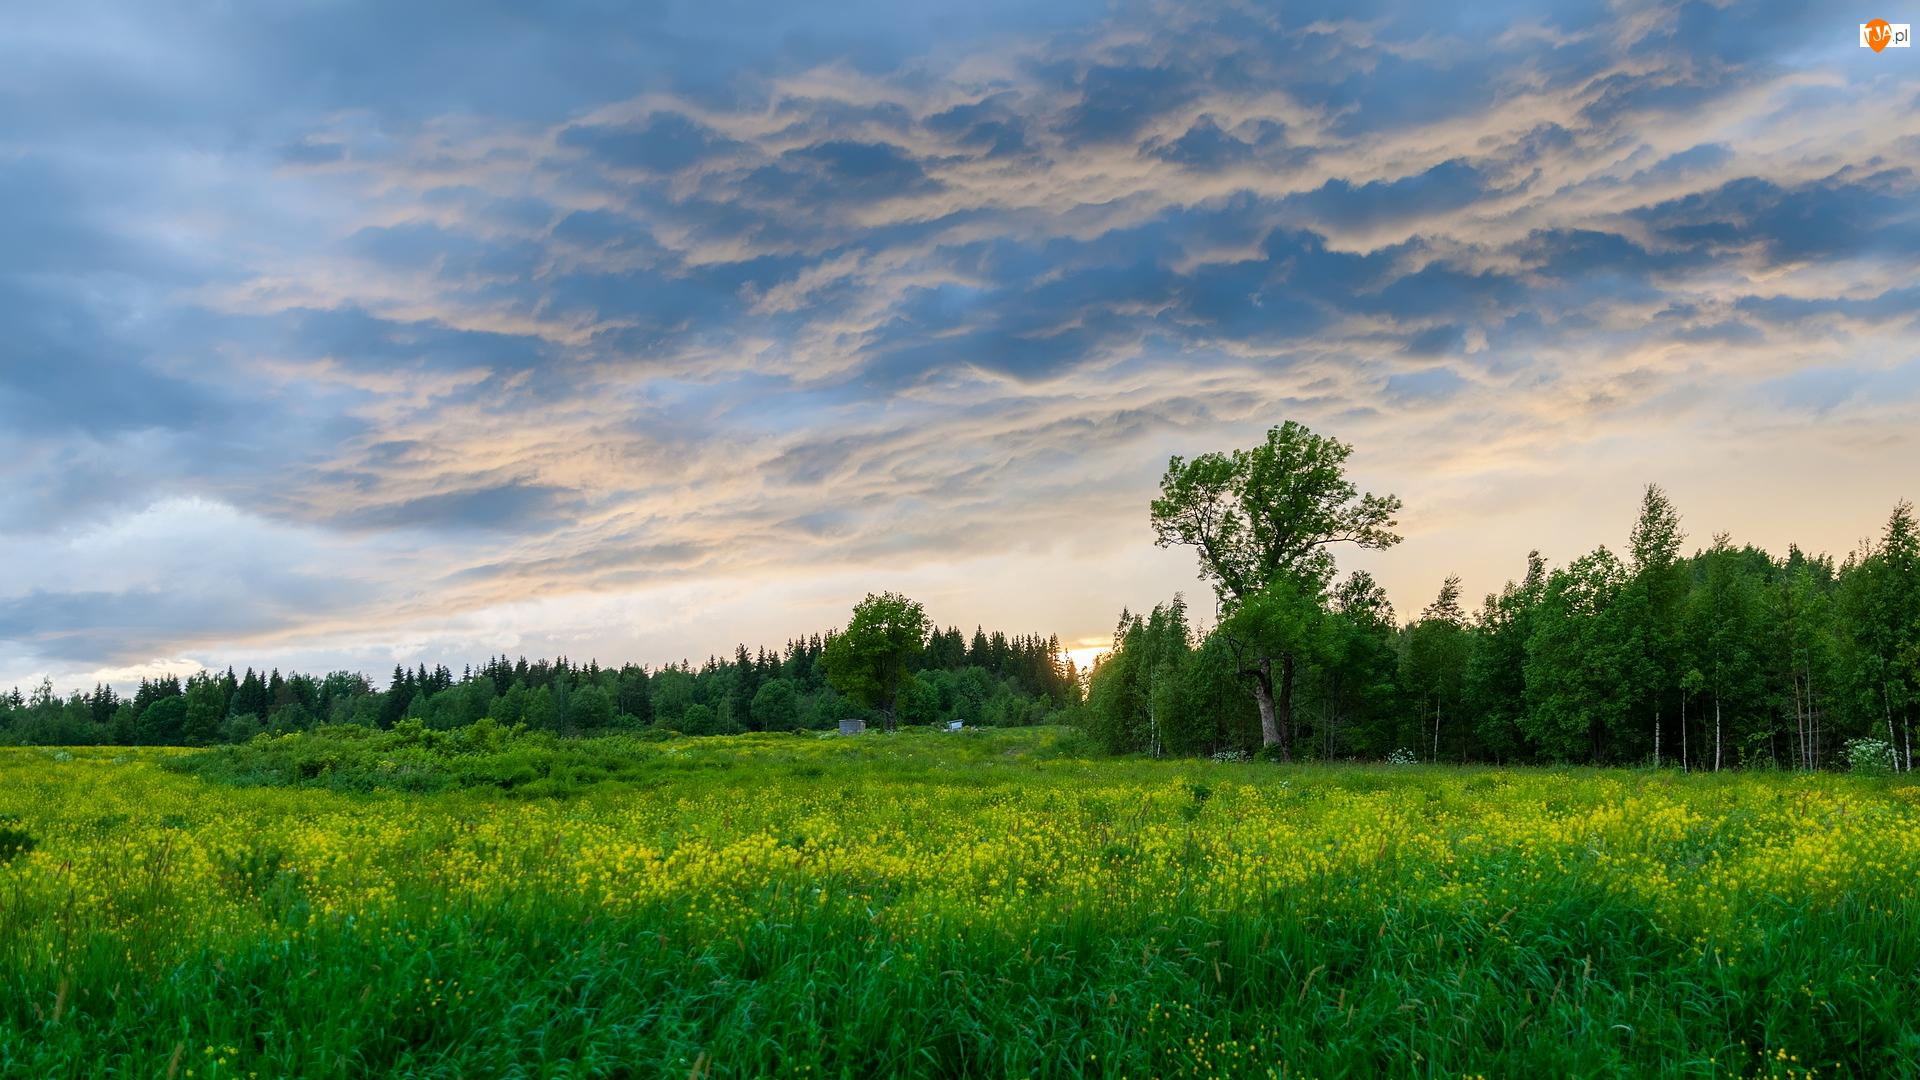 Las, Łąka, Zielona, Chmury, Drzewa, Trawa